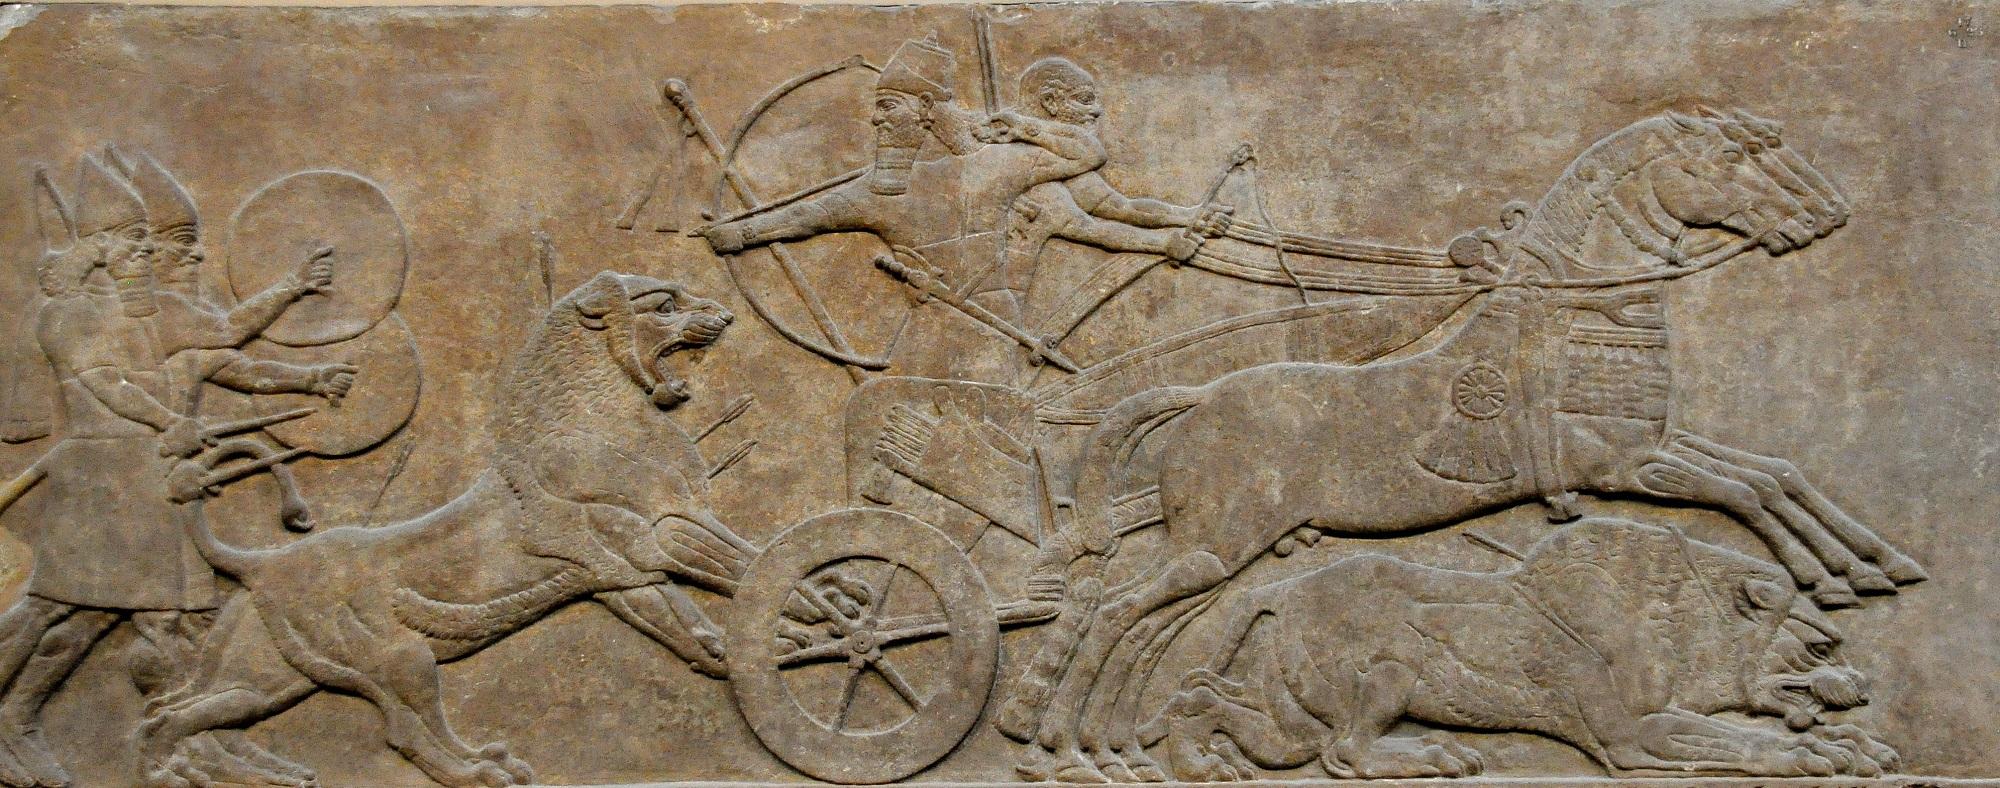 上图:亚述王亚斯那巴二世(Ashurbanipal II,主前669-627年在位)猎狮的浮雕,现藏于大英博物馆。